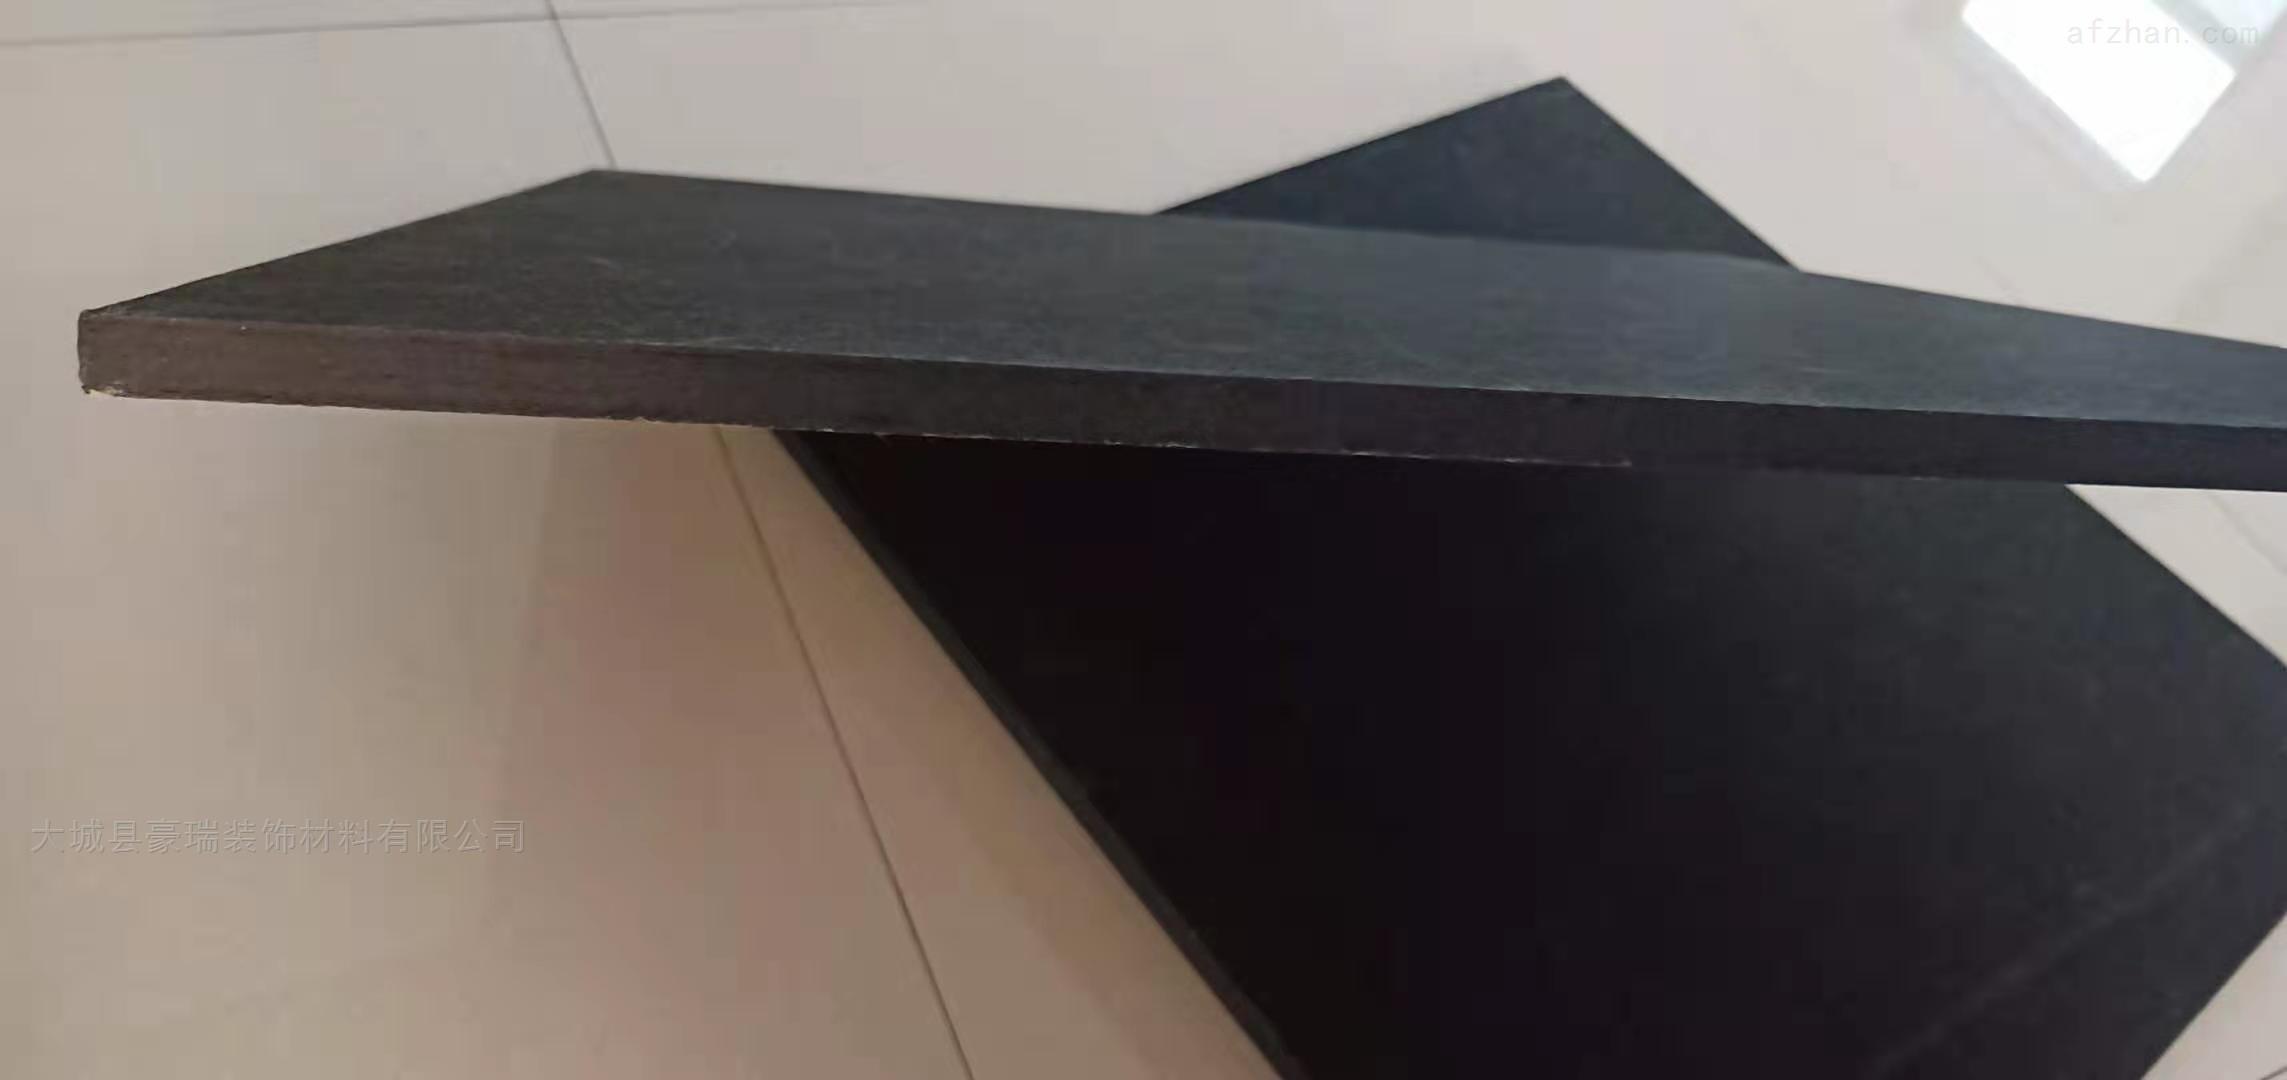 豪瑞黑色岩棉玻纤板产品以绿色环保为理念